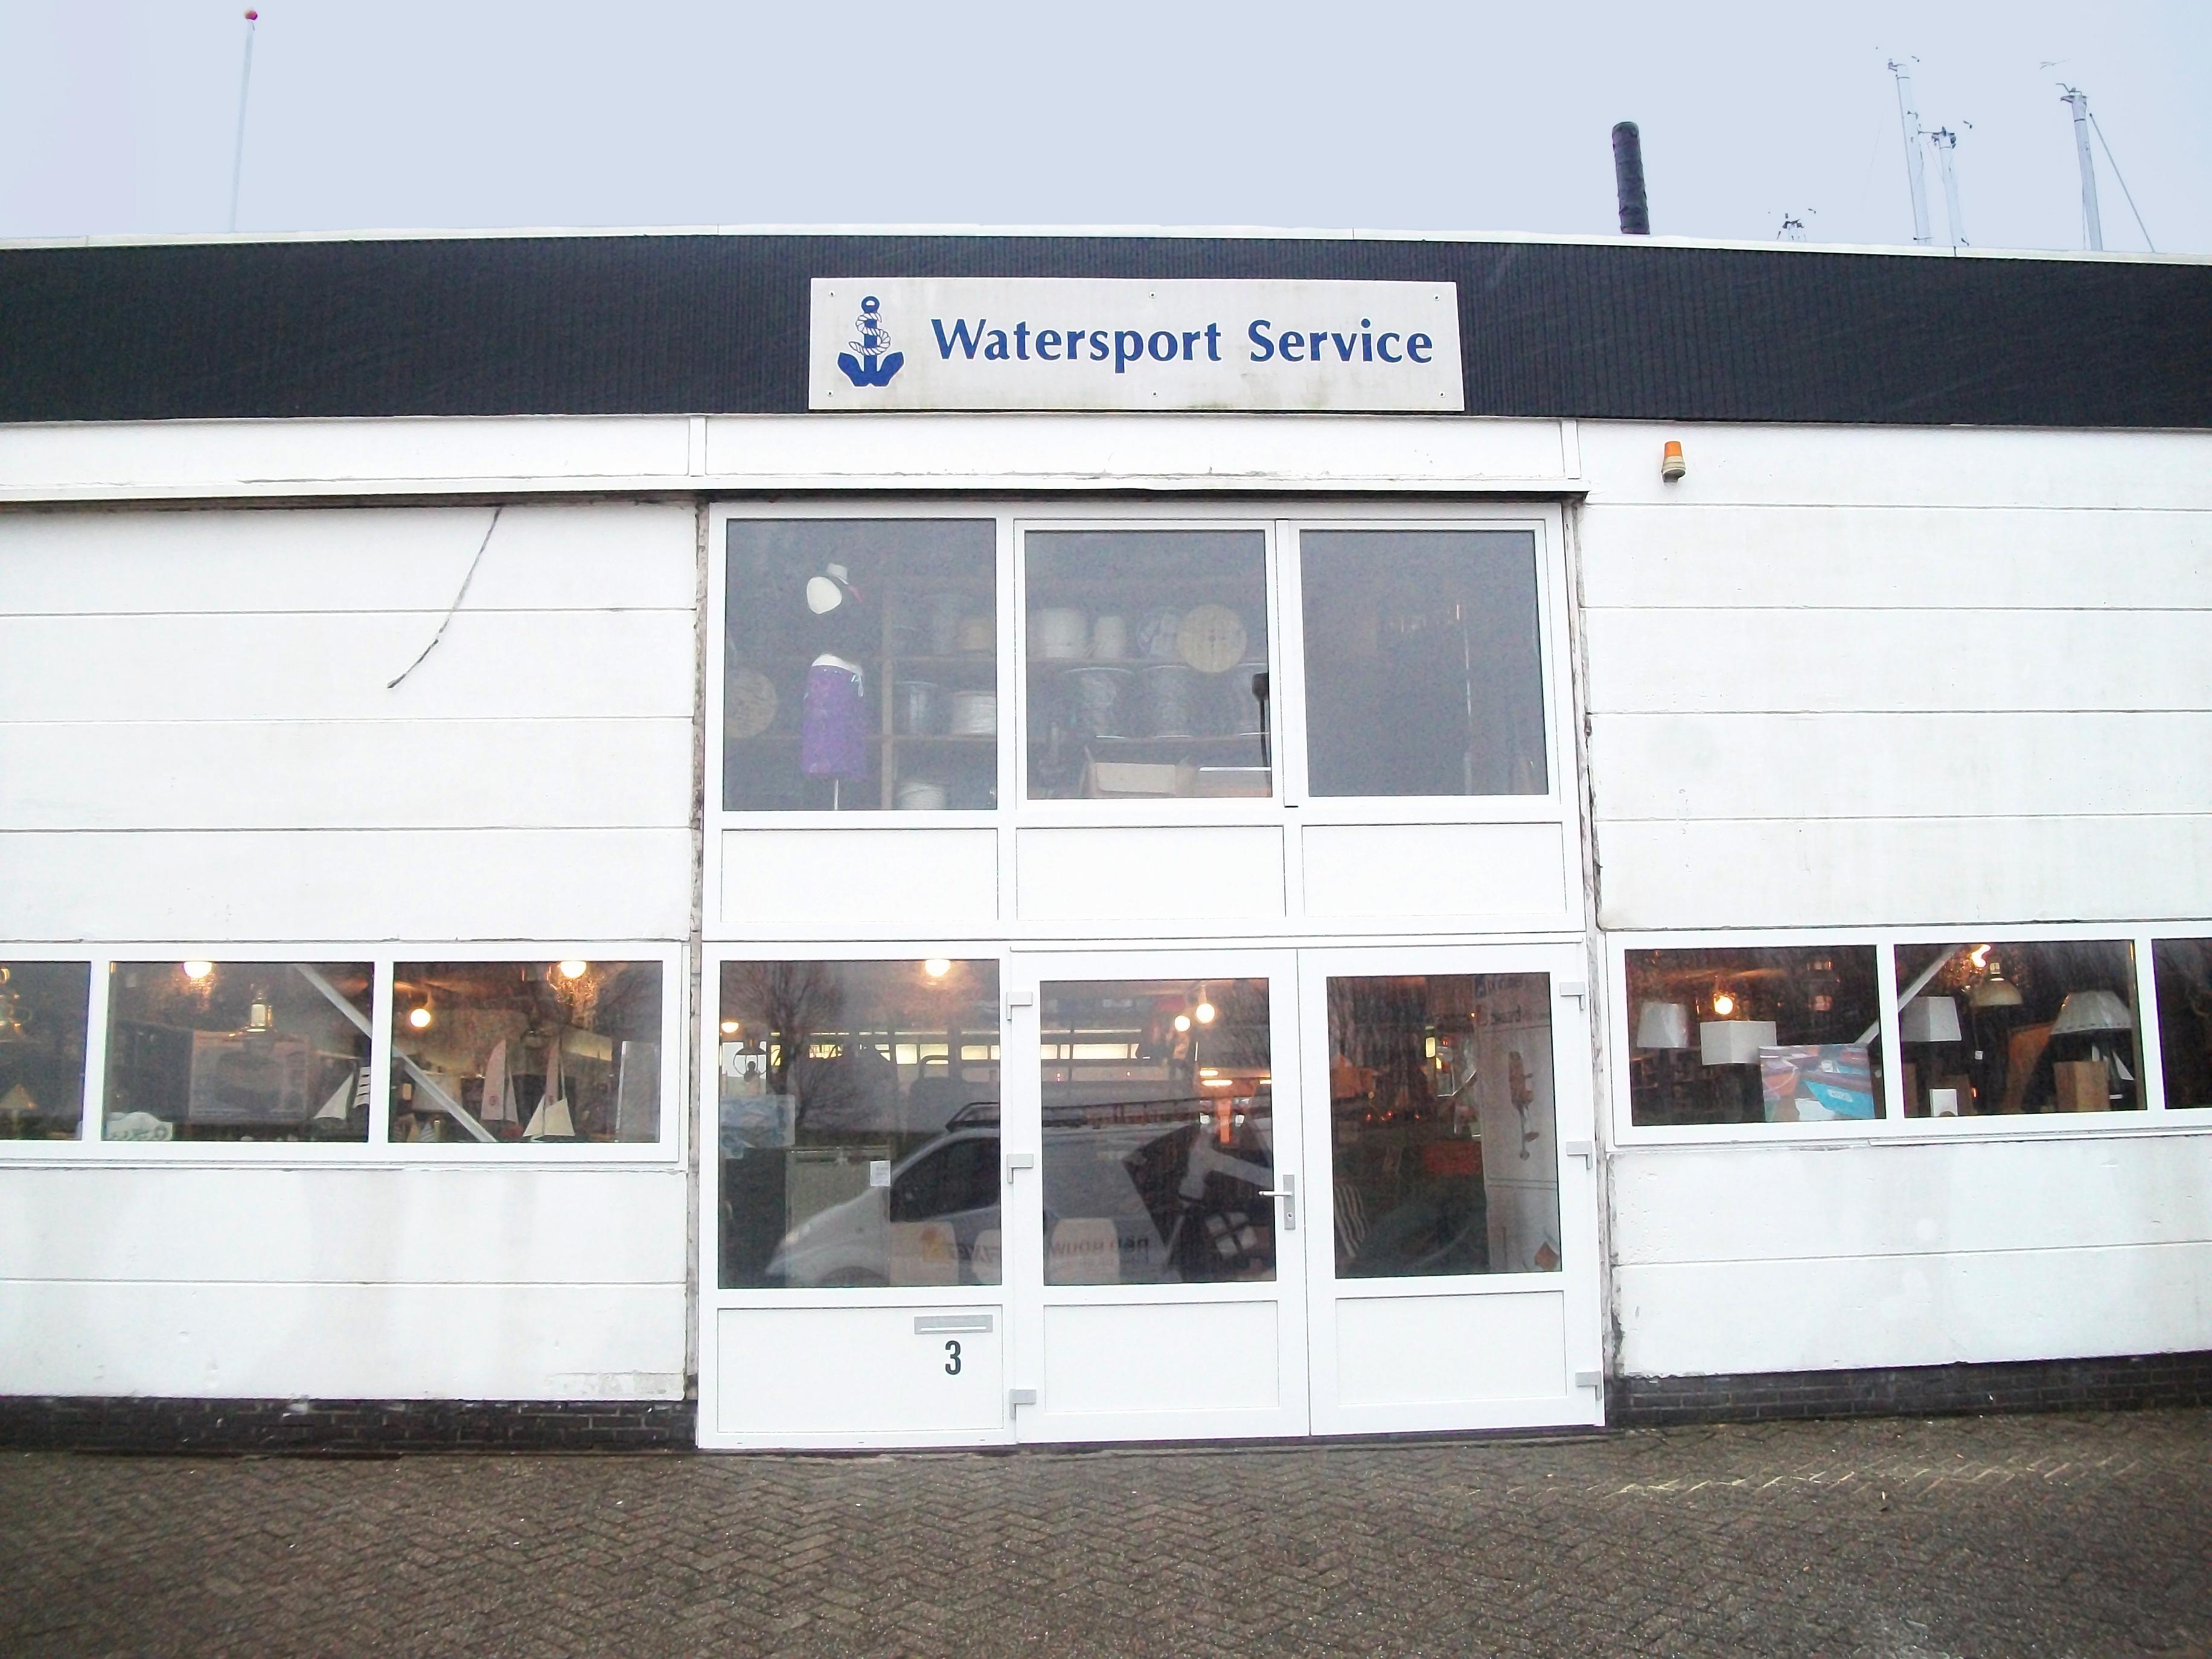 Watersport Service (5)